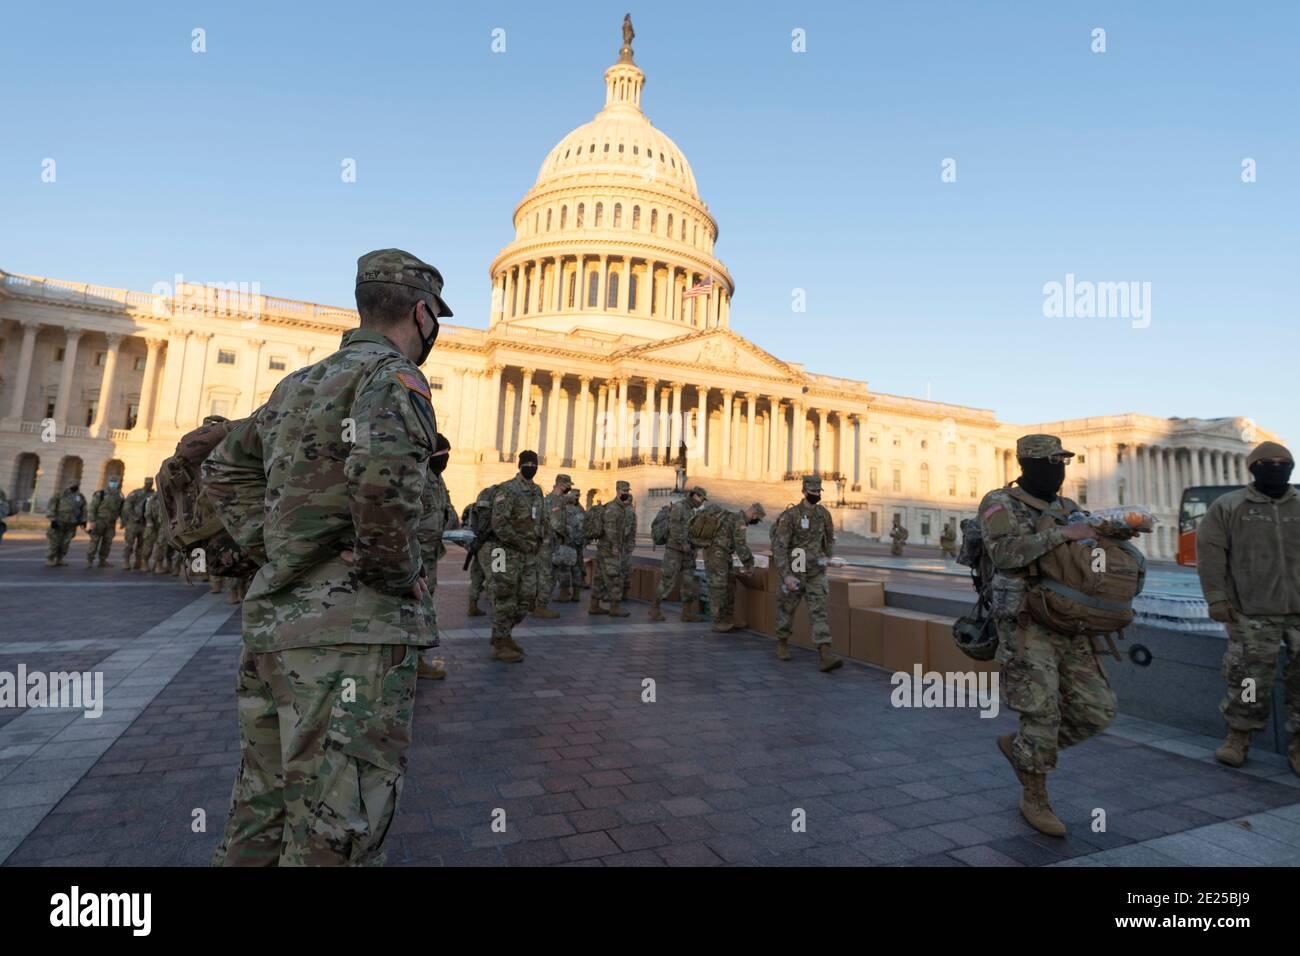 12 Enero 2021- Washington DC- los miembros de la Guardia Nacional están sirviendo una comida matutina antes de tomar posiciones asignadas en Capitol Hill. Crédito de la foto: Chris Kleponis/Sipa USA Foto de stock